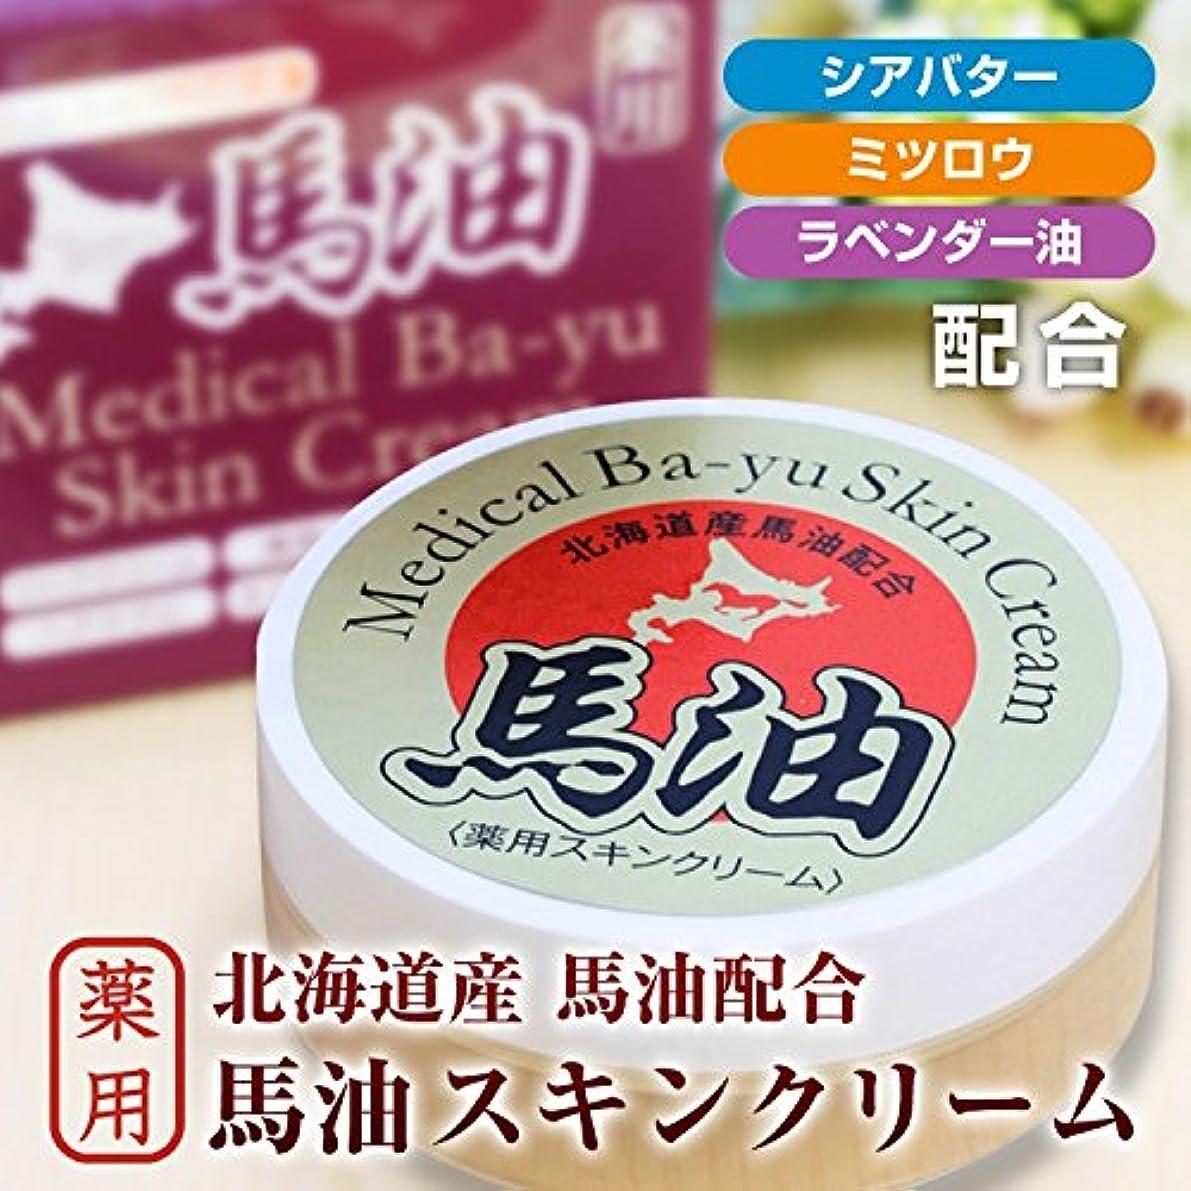 水曜日サーキュレーション好きである北海道産馬油配合 薬用馬油スキンクリーム(20g)/医薬部外品 国産馬油//